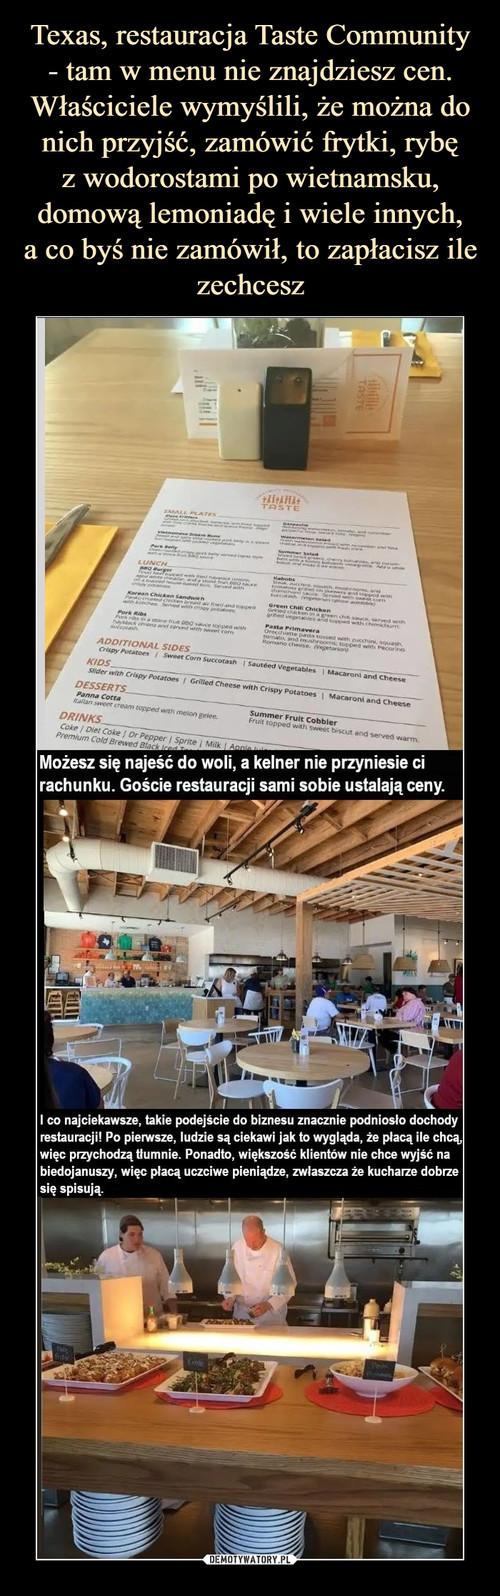 Texas, restauracja Taste Community - tam w menu nie znajdziesz cen. Właściciele wymyślili, że można do nich przyjść, zamówić frytki, rybę z wodorostami po wietnamsku, domową lemoniadę i wiele innych, a co byś nie zamówił, to zapłacisz ile zechcesz